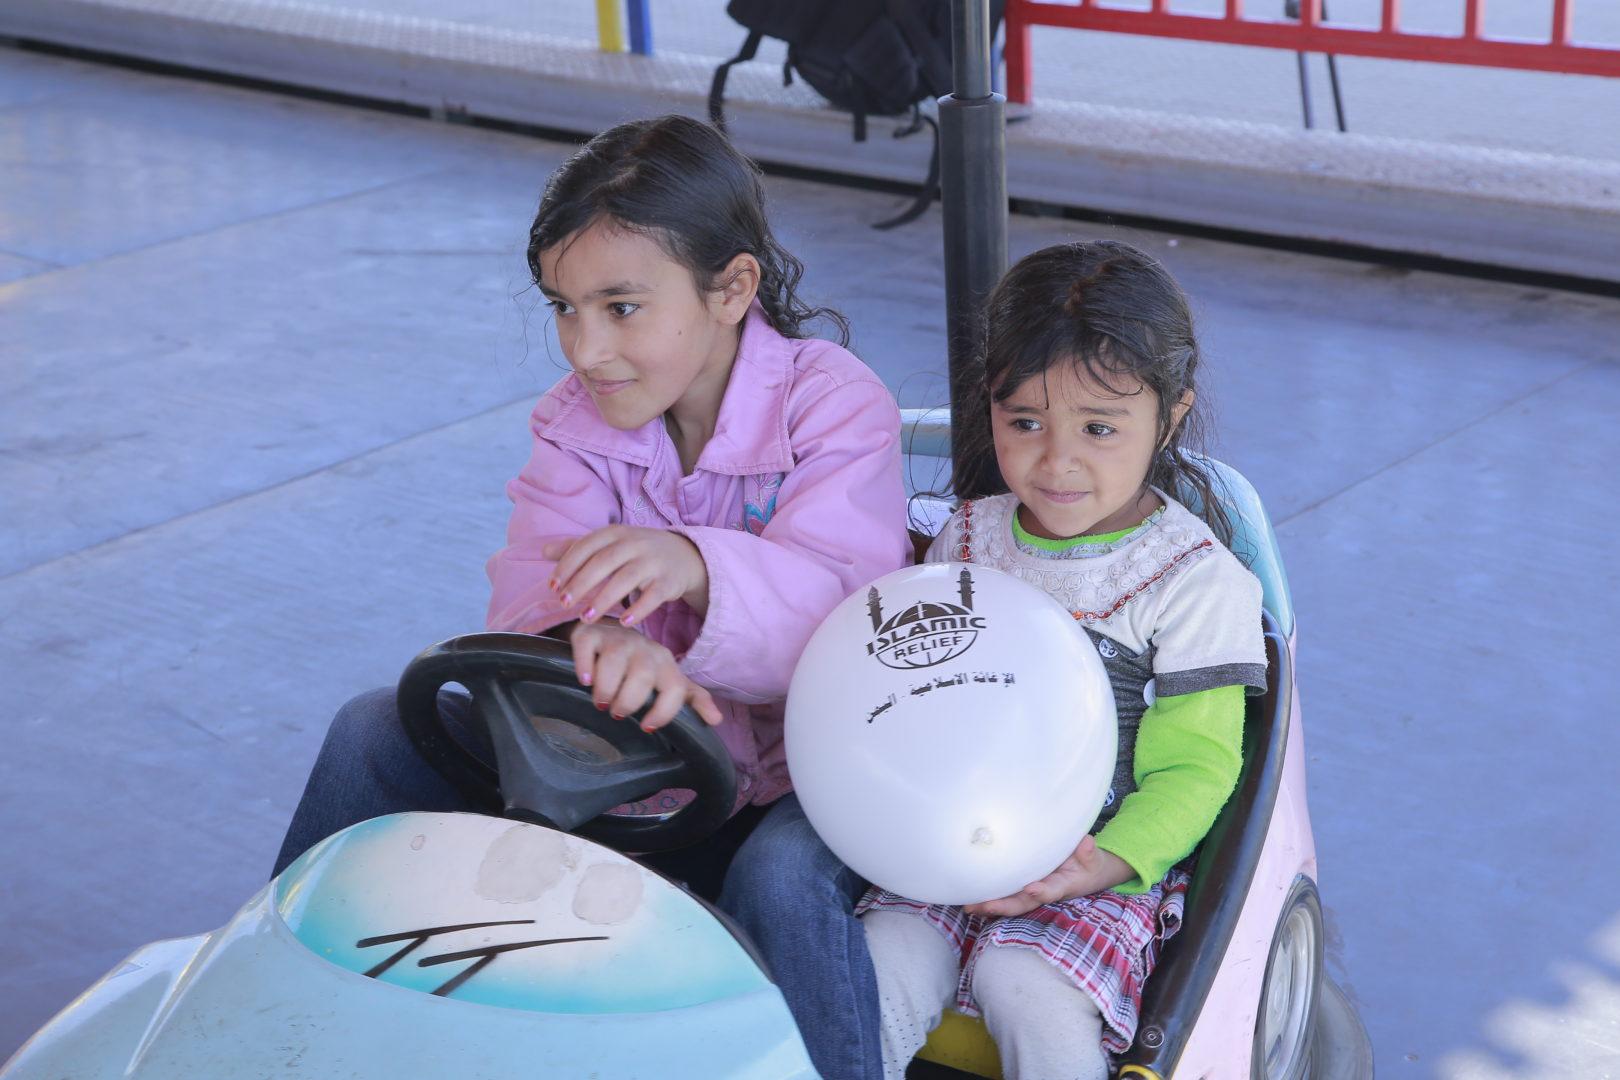 Yemen orphans open day Dec 2013 (2)